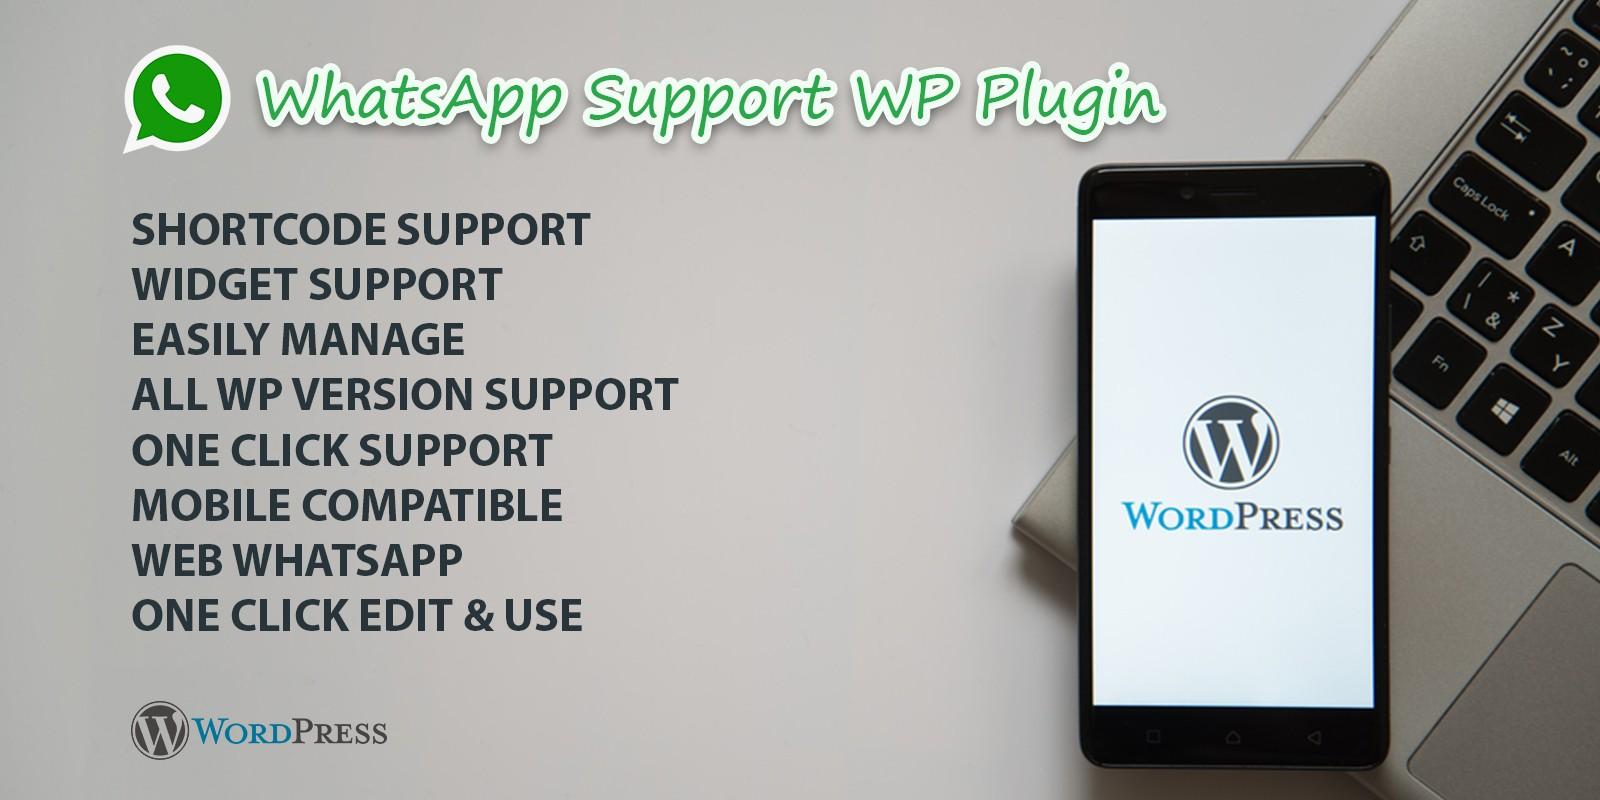 WhatsApp Support WordPress Plugin